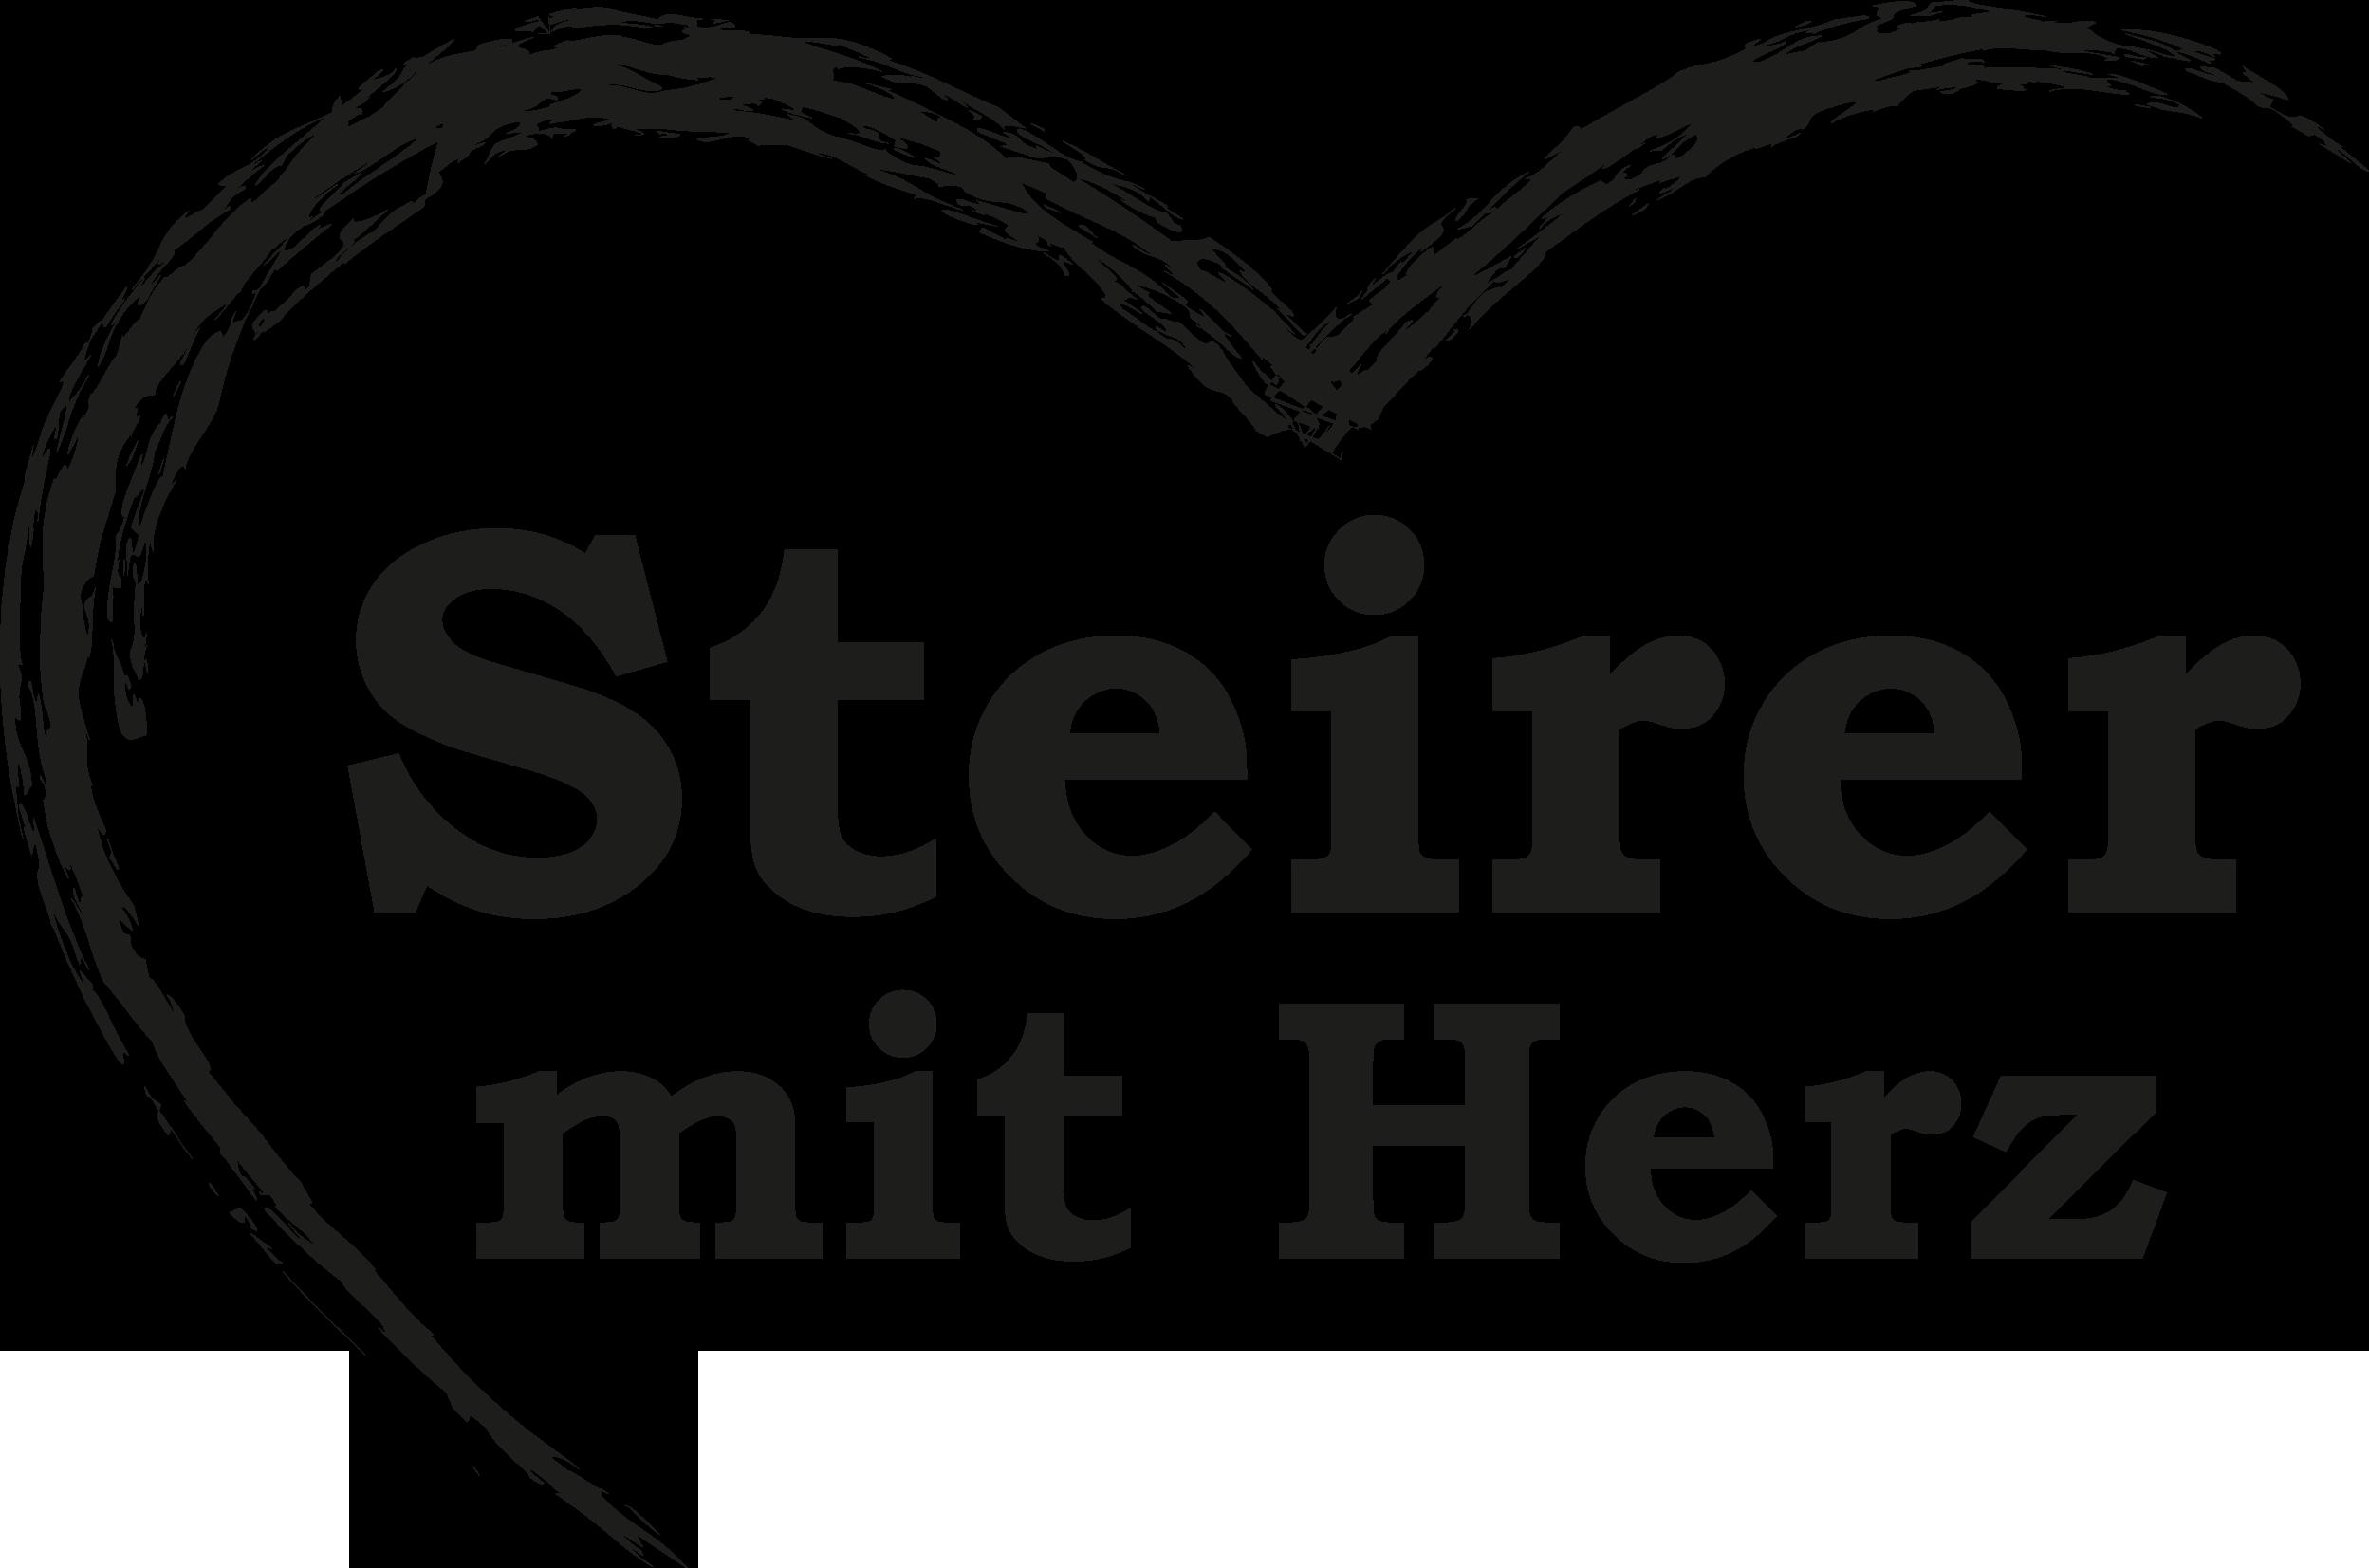 LO_steirer_mit_herz_solo_black